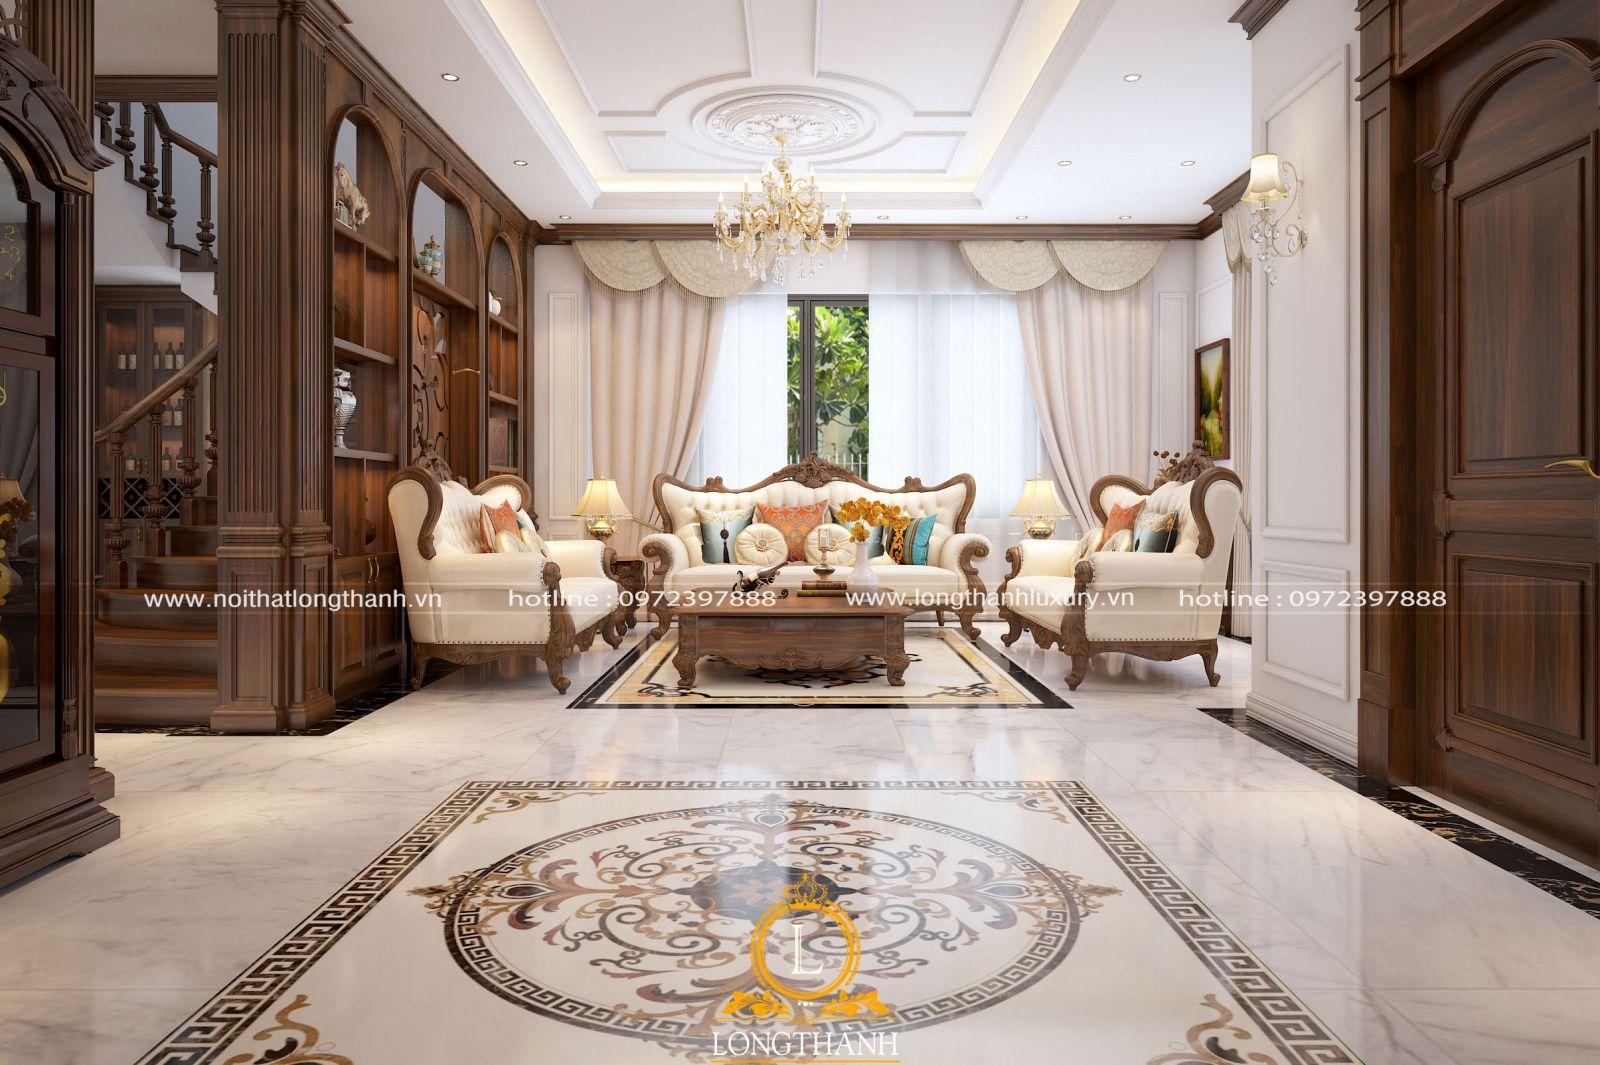 Sofa tân cổ điển đơn giản